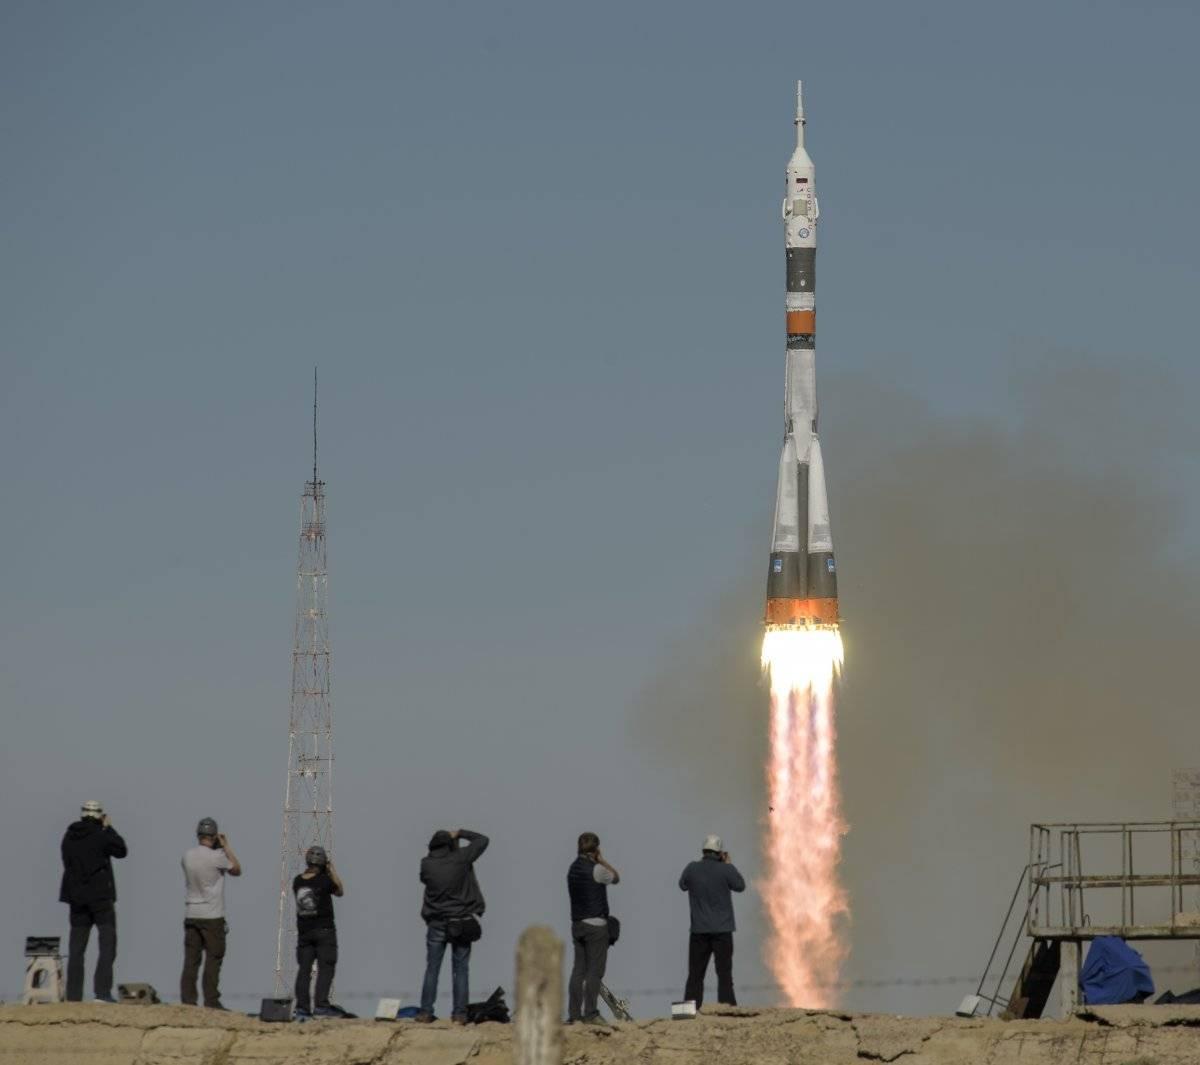 Fallo del cohete Soyuz amenaza la continuidad de las próximas misiones espaciales del mundo